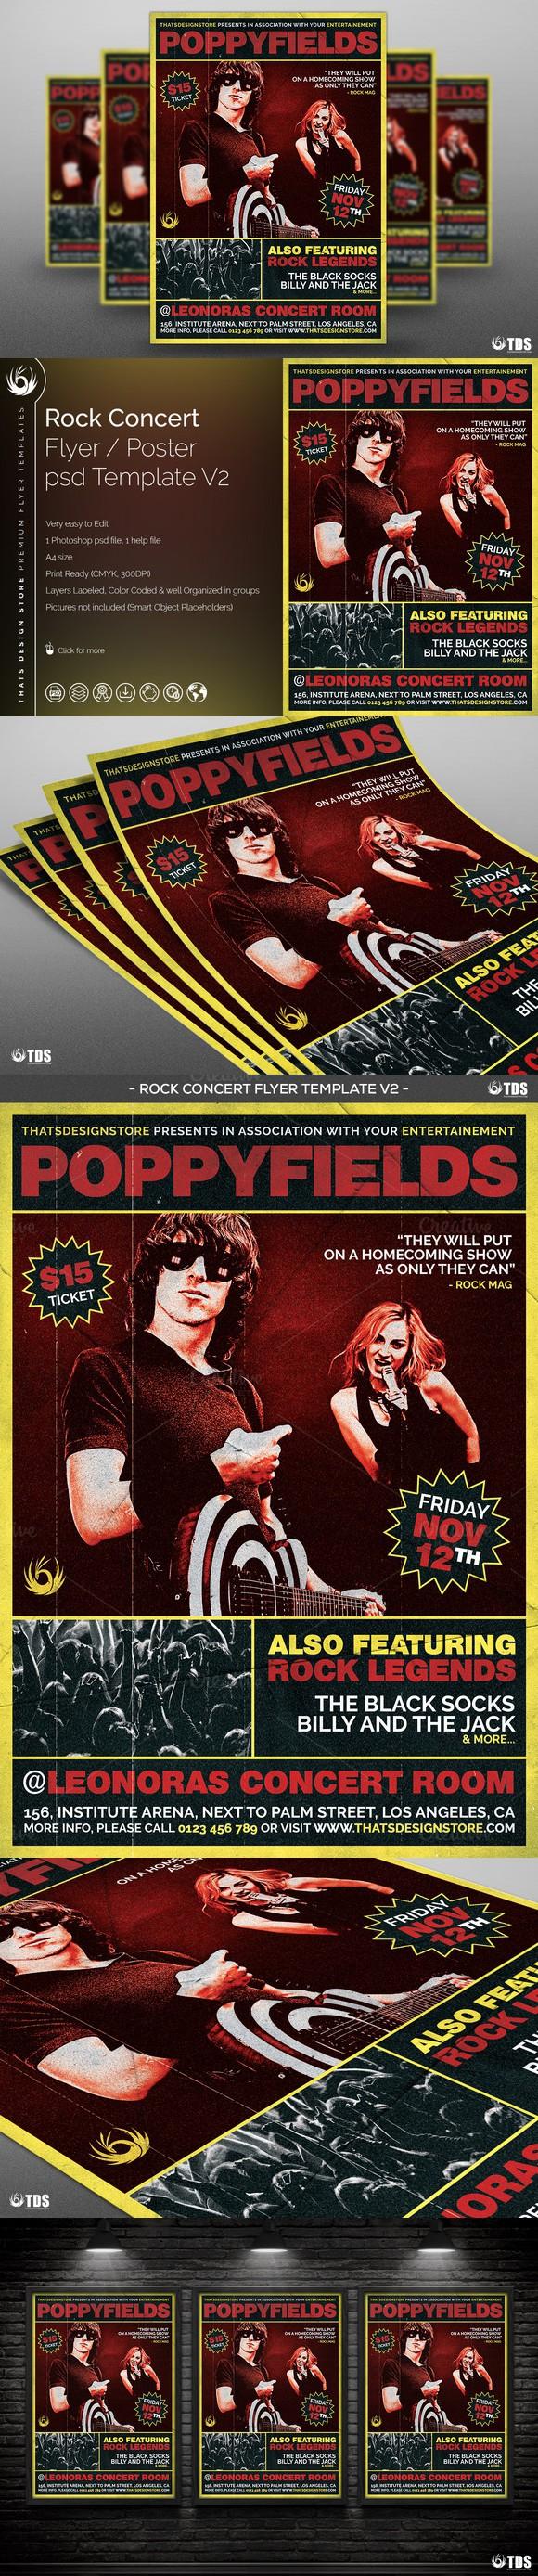 Rock Concert Flyer Template V2 Concert Flyer Rock Concert And